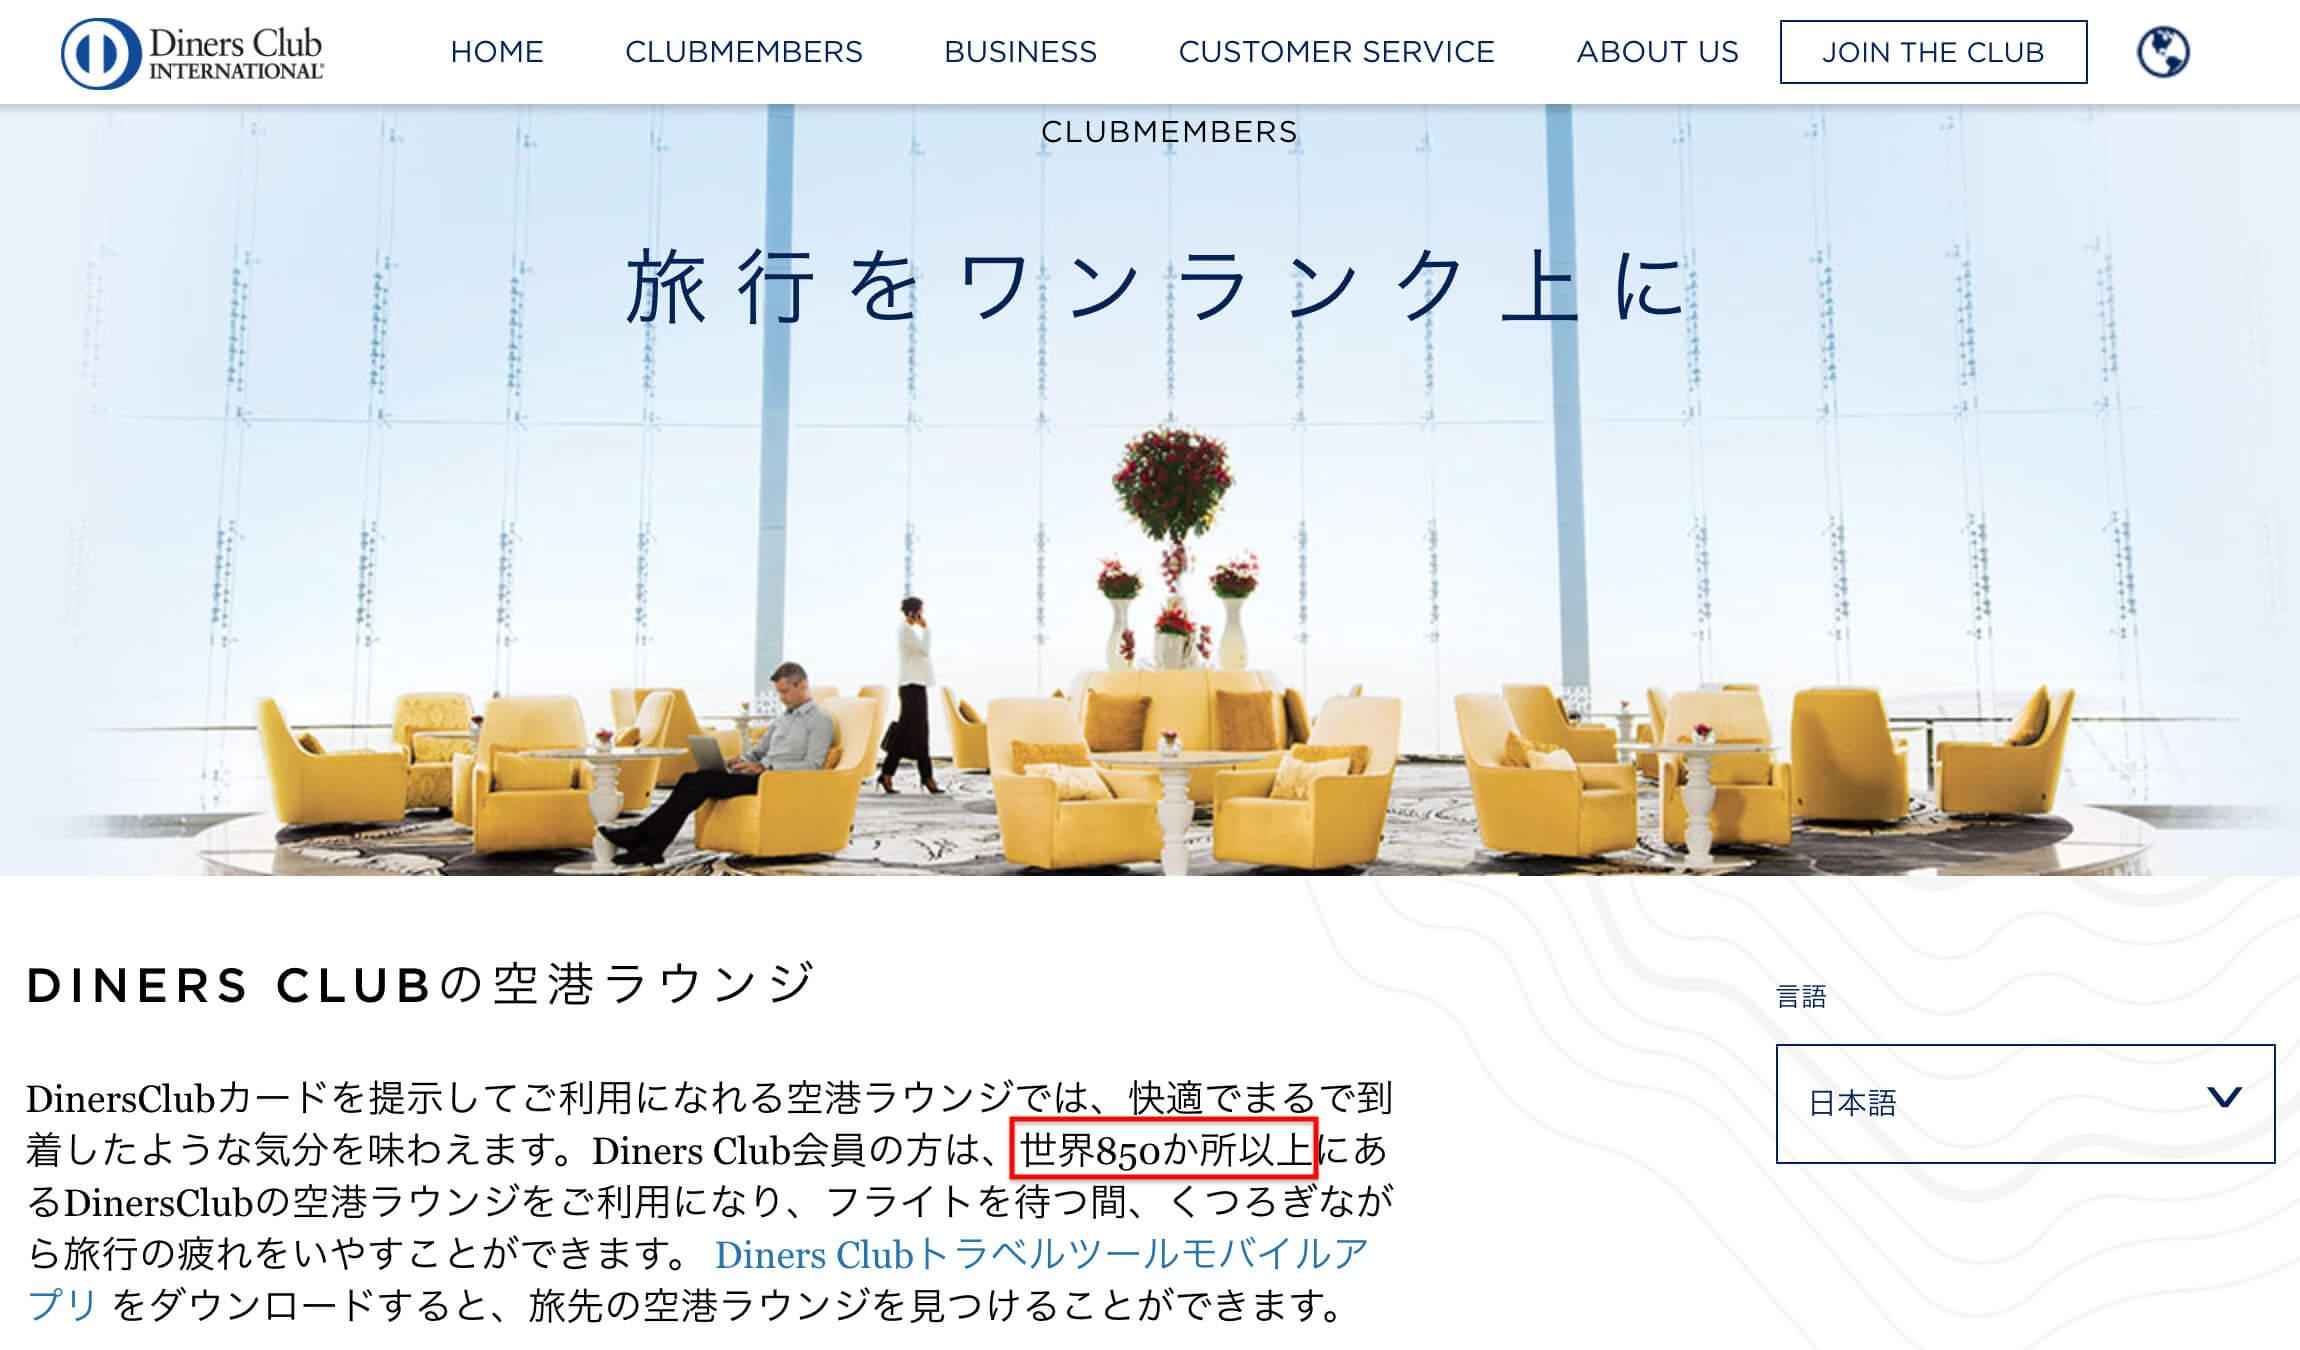 ダイナースクラブカードで利用できる空港ラウンジは世界850か所以上